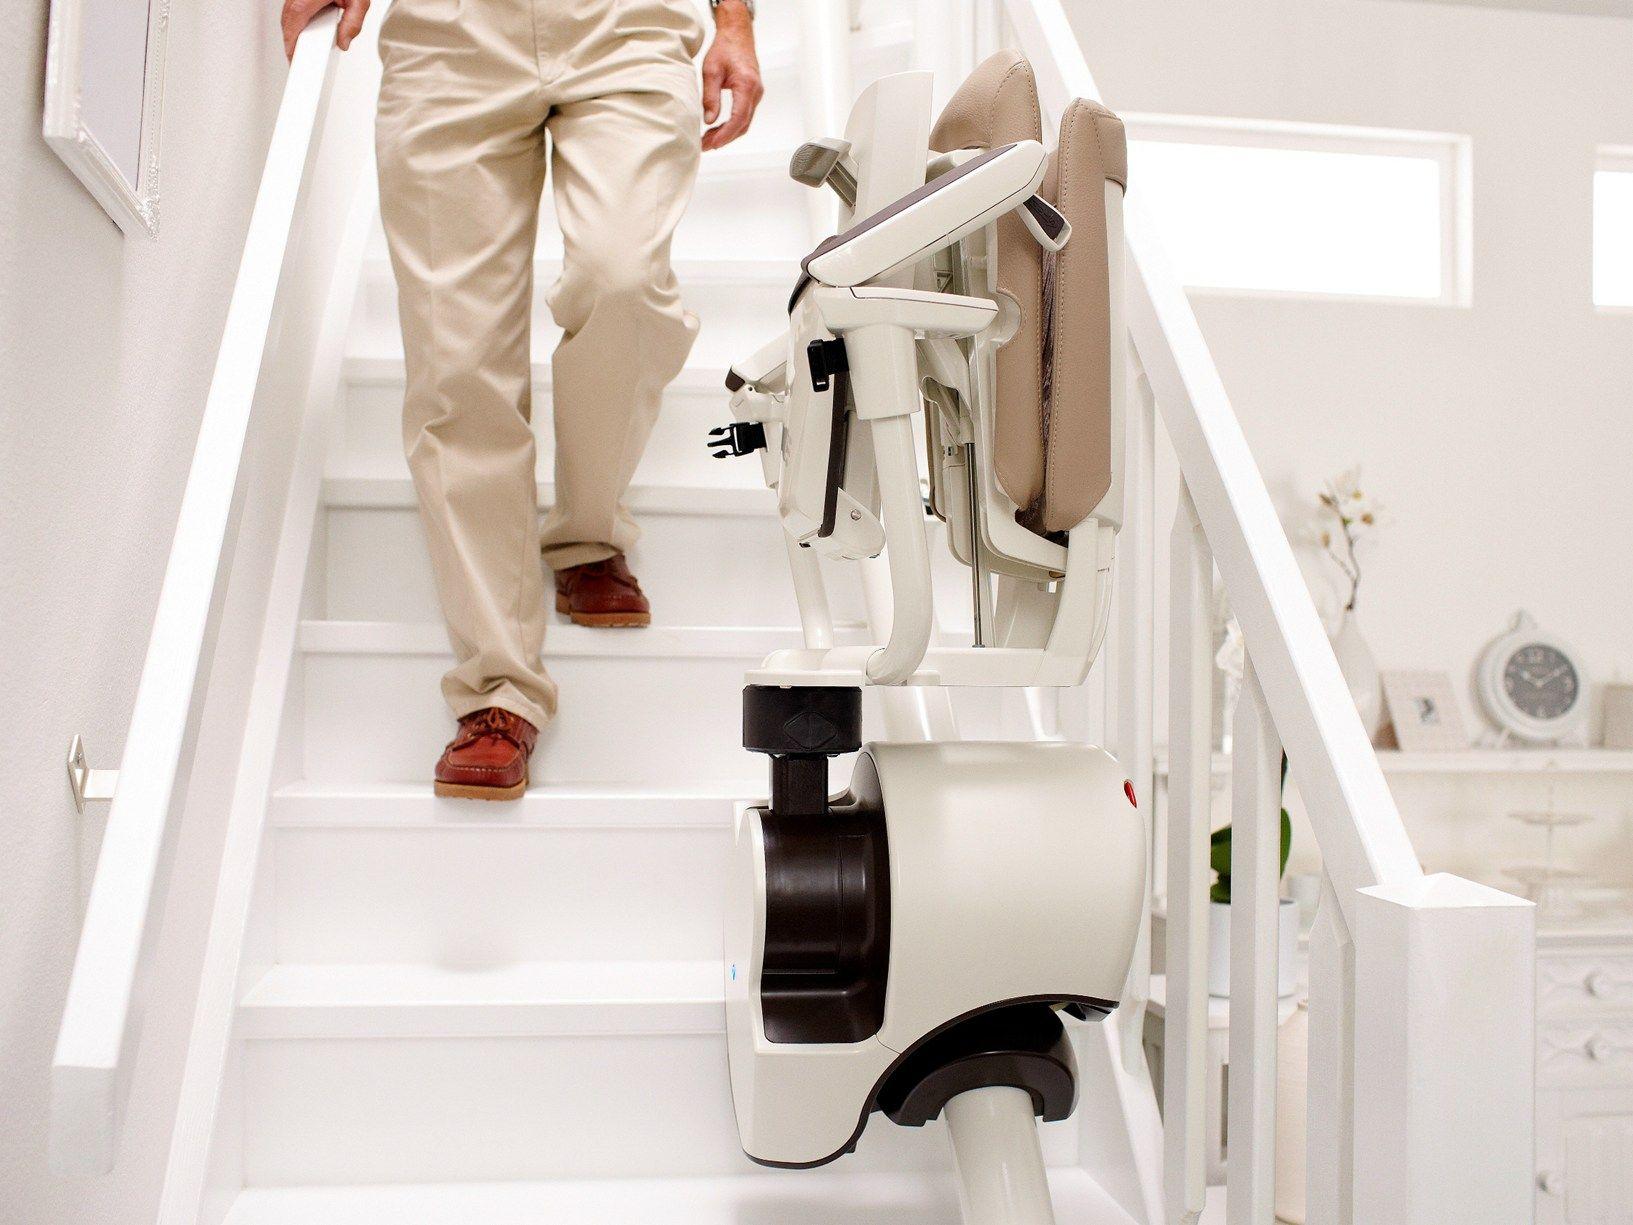 ThyssenKrupp Encasa: prevenire le cadute adattando la propria casa con elementi sicuri